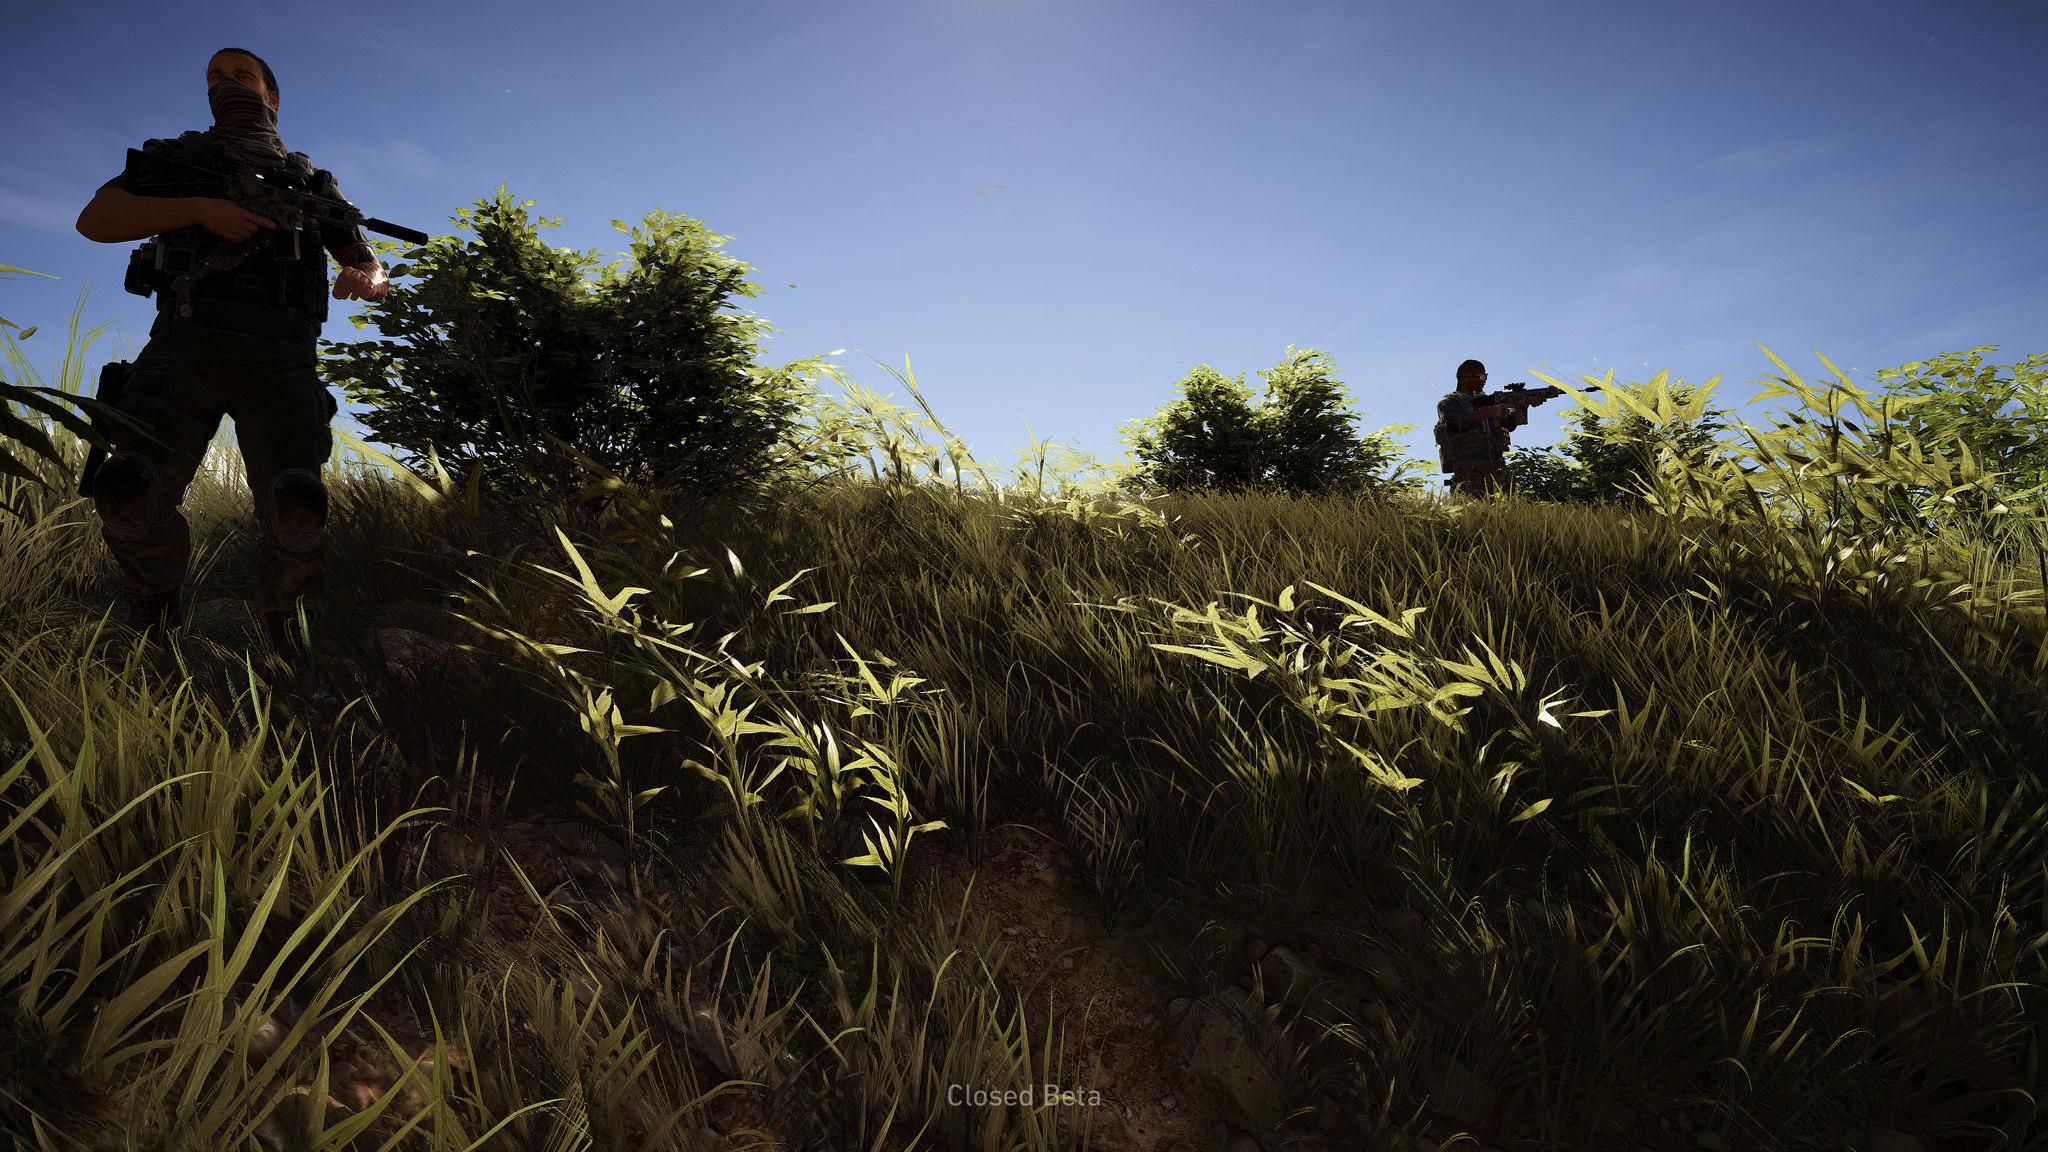 ghost recon wildlands beta 4k screenshots (10)